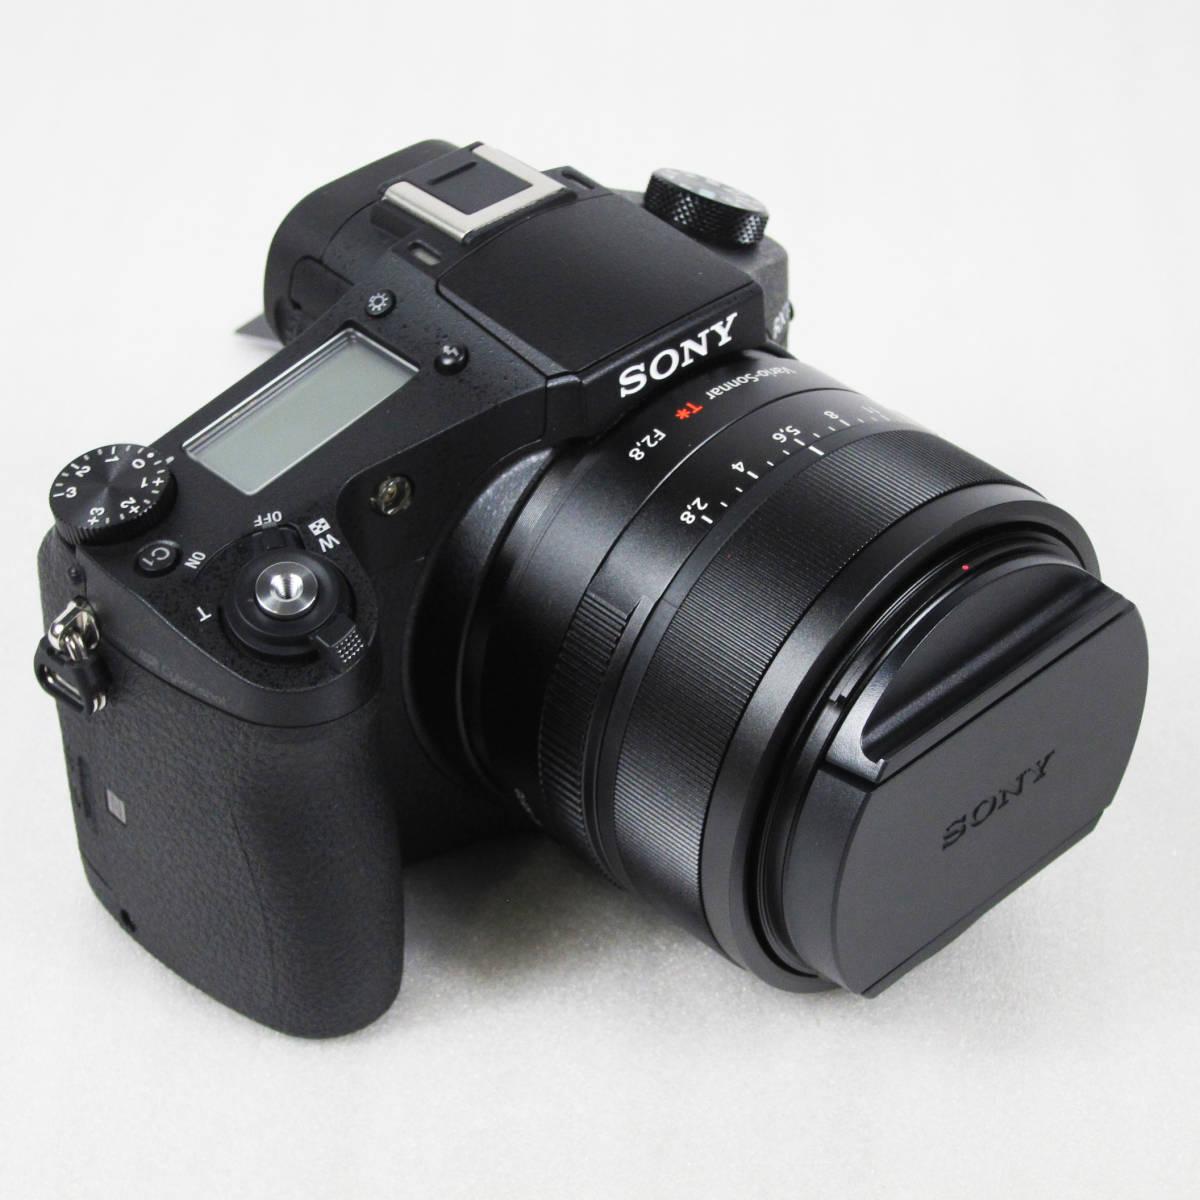 M4109●SONY ソニー デジタルスチルカメラ【海外仕様】Cyber-shot サイバーショット DSC-RX10M2 WiFi 4K 大口径ツァイス レンズ 未使用新品_画像3